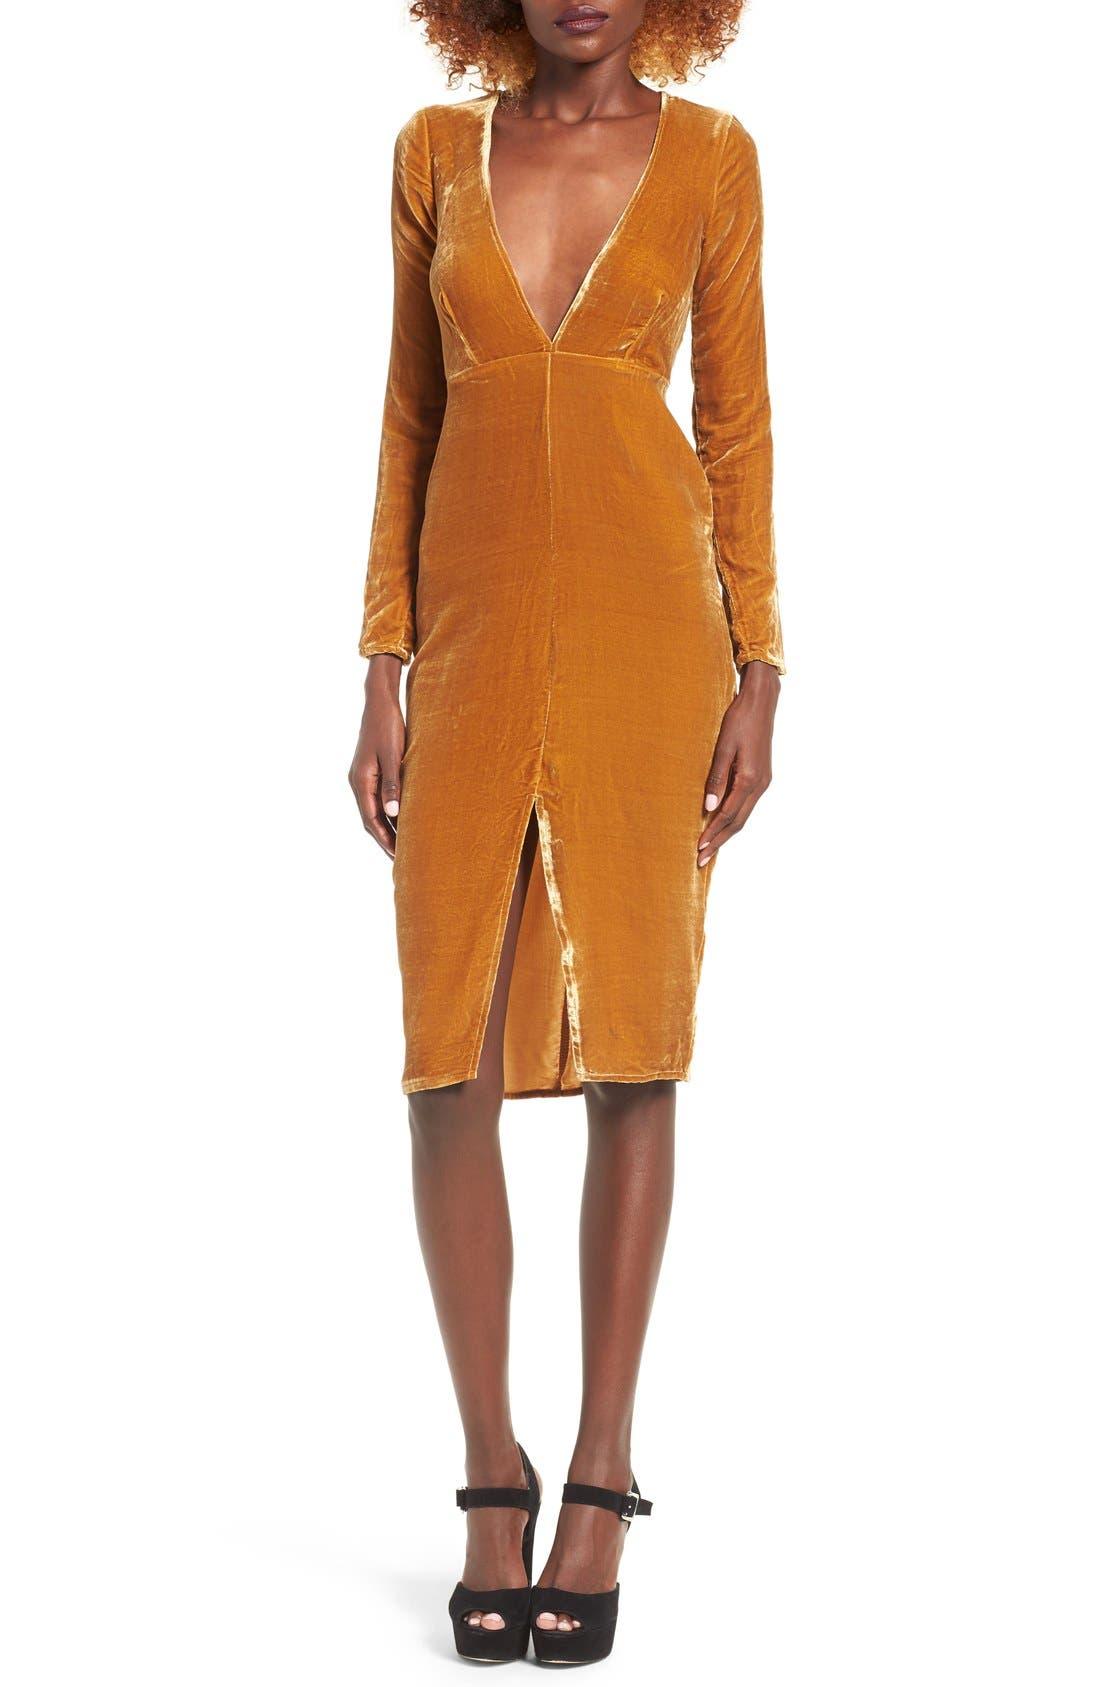 Main Image - For Love & Lemons Collette Midi Dress